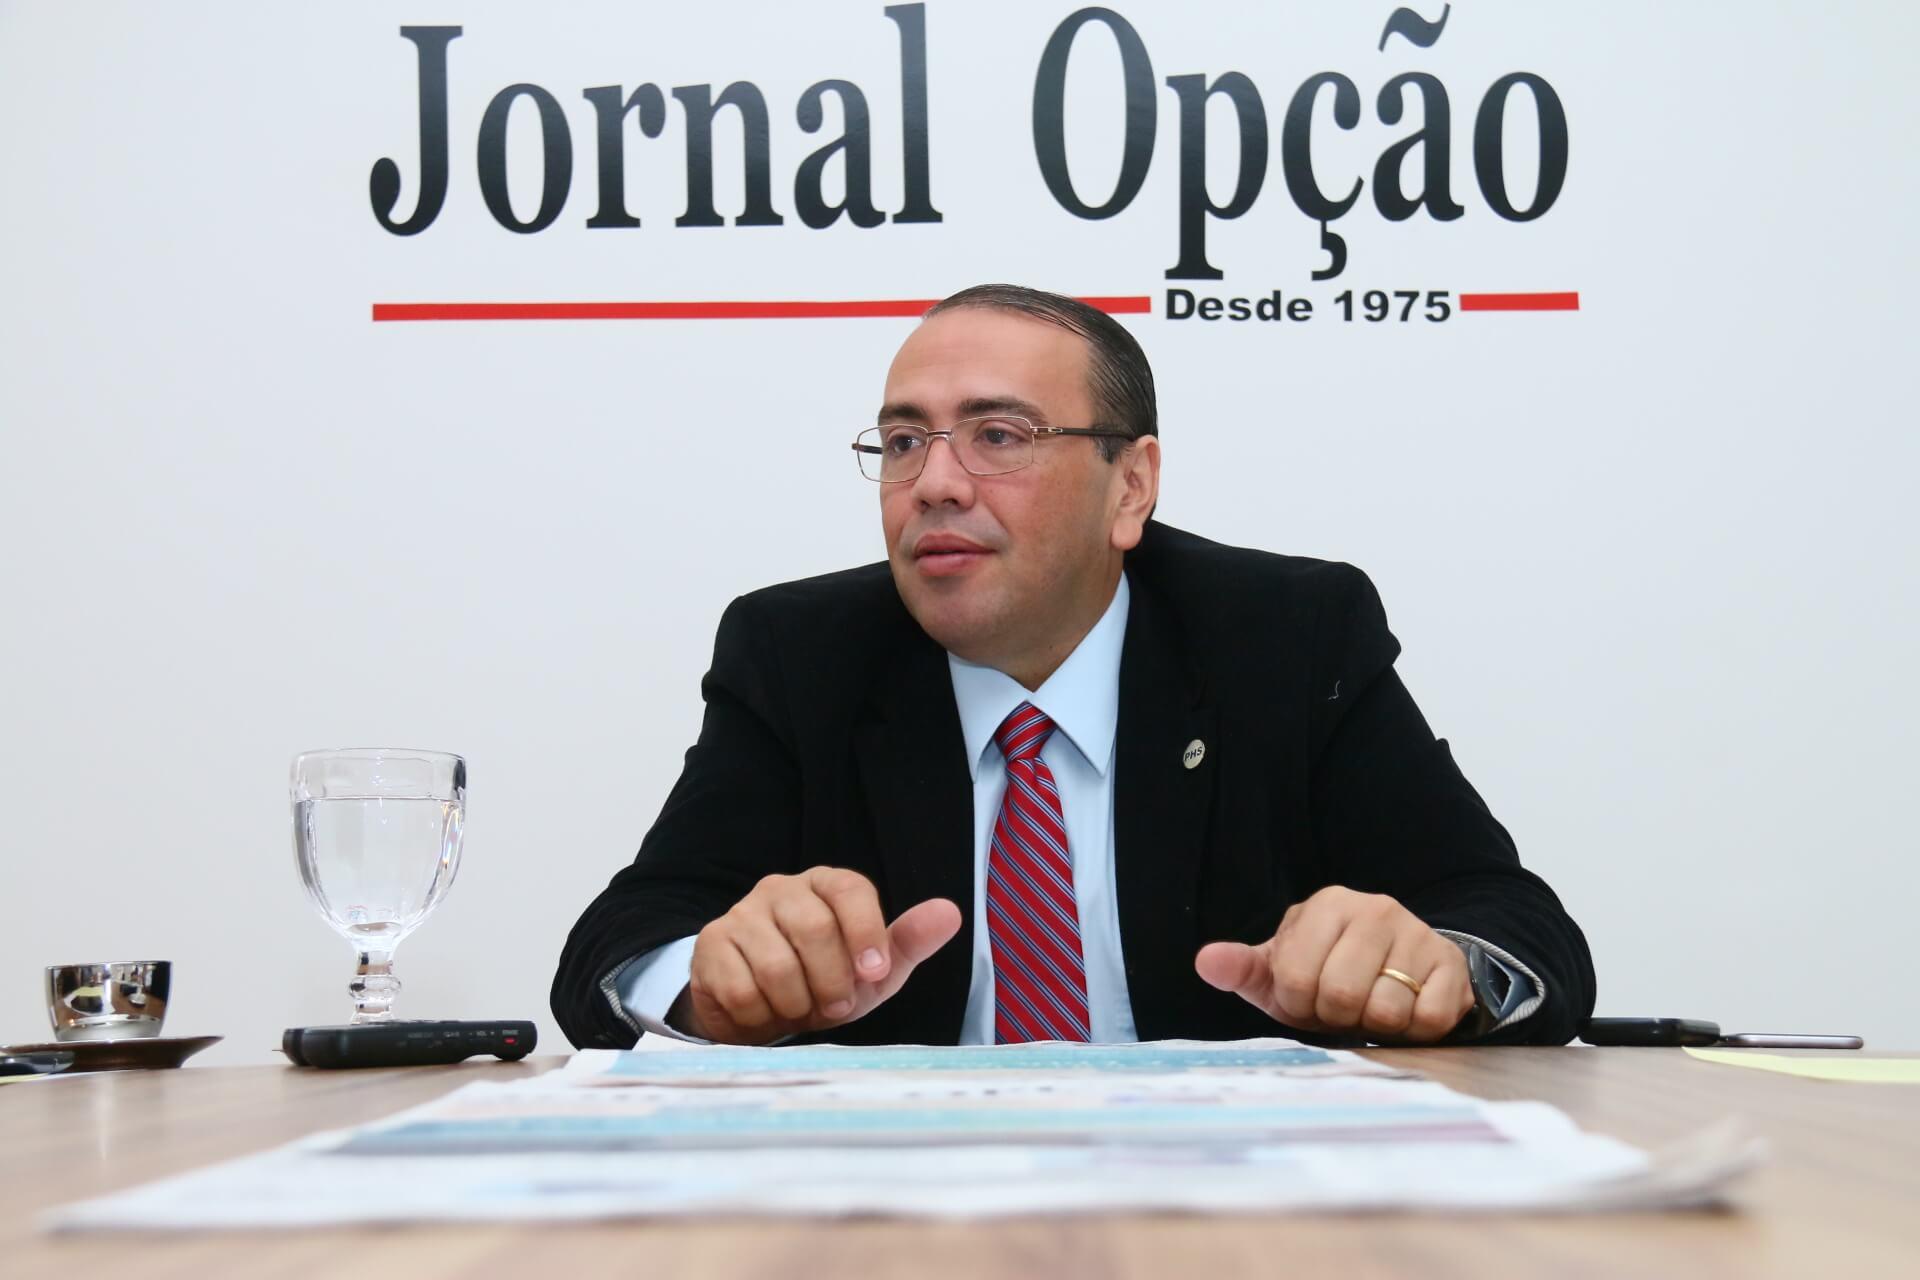 Eduardo Machado articula chapa de candidatos a deputado e deve compor com Ronaldo Caiado